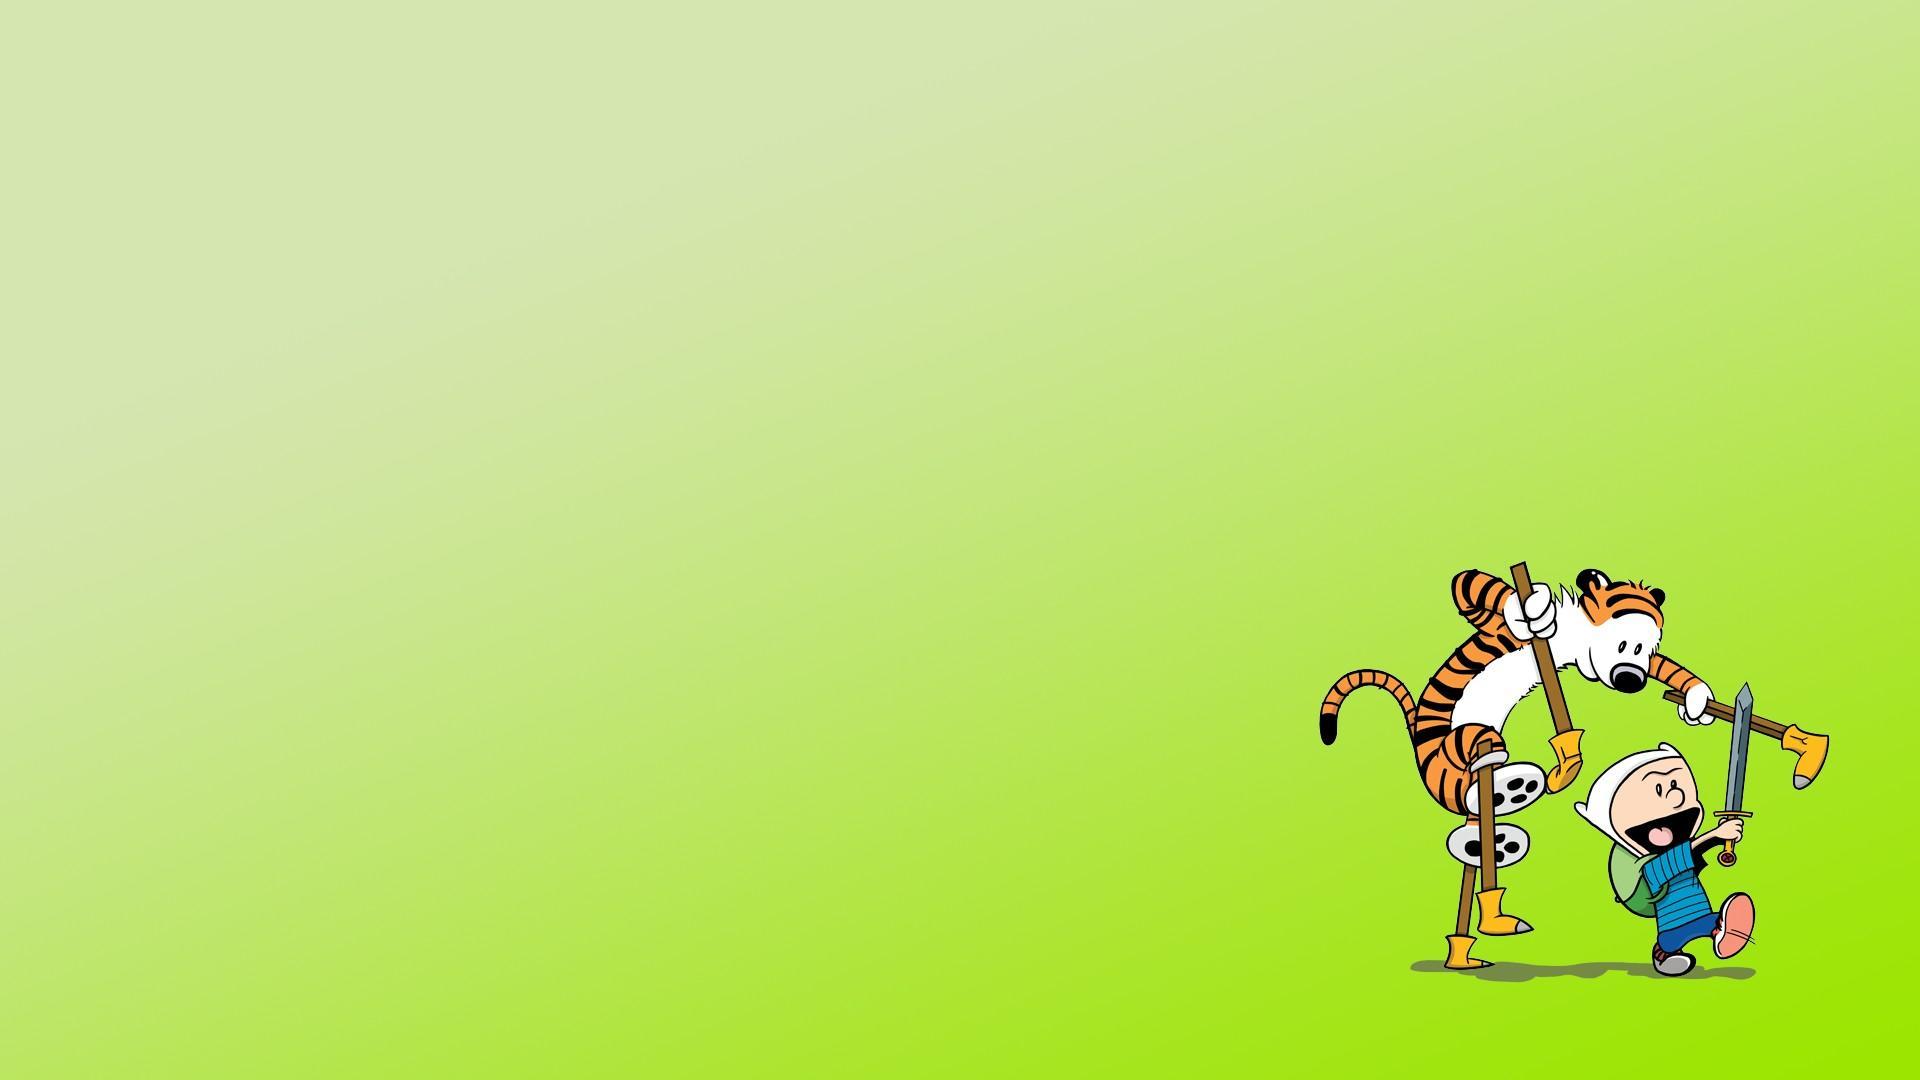 Finn and jake calvin hobbes cartoon network wallpaper 87354 1920x1080